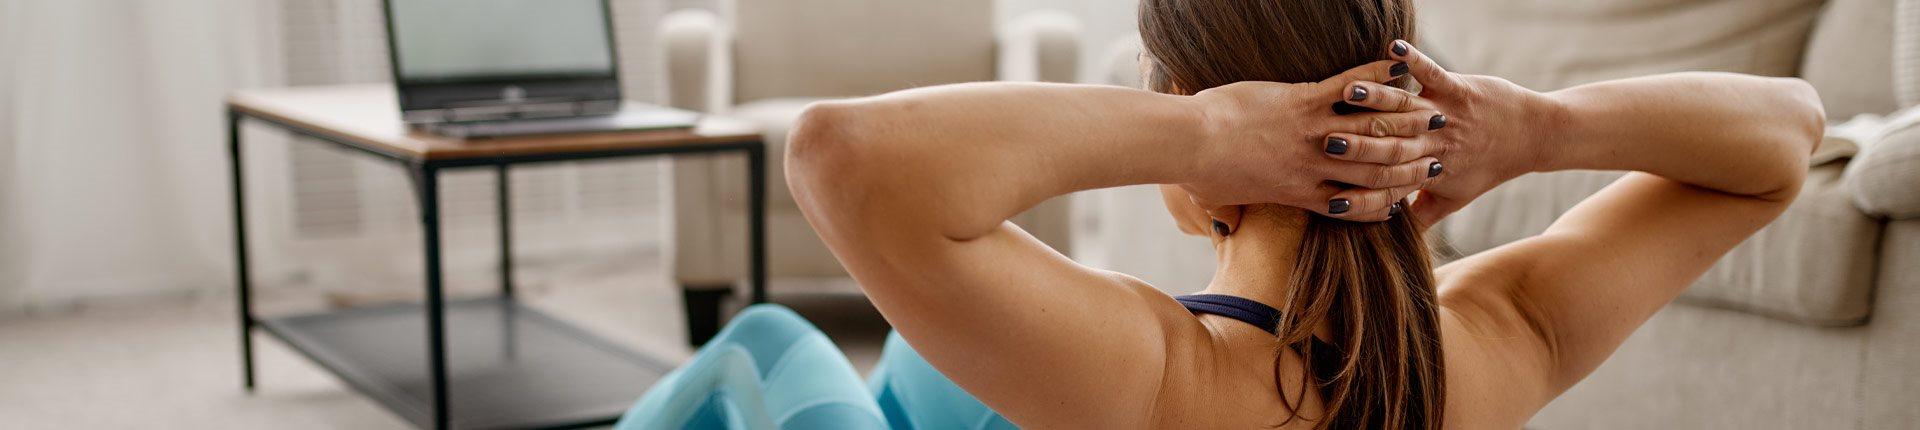 Insulinooporność: czy wystarczy jeść mniej i więcej się ruszać?